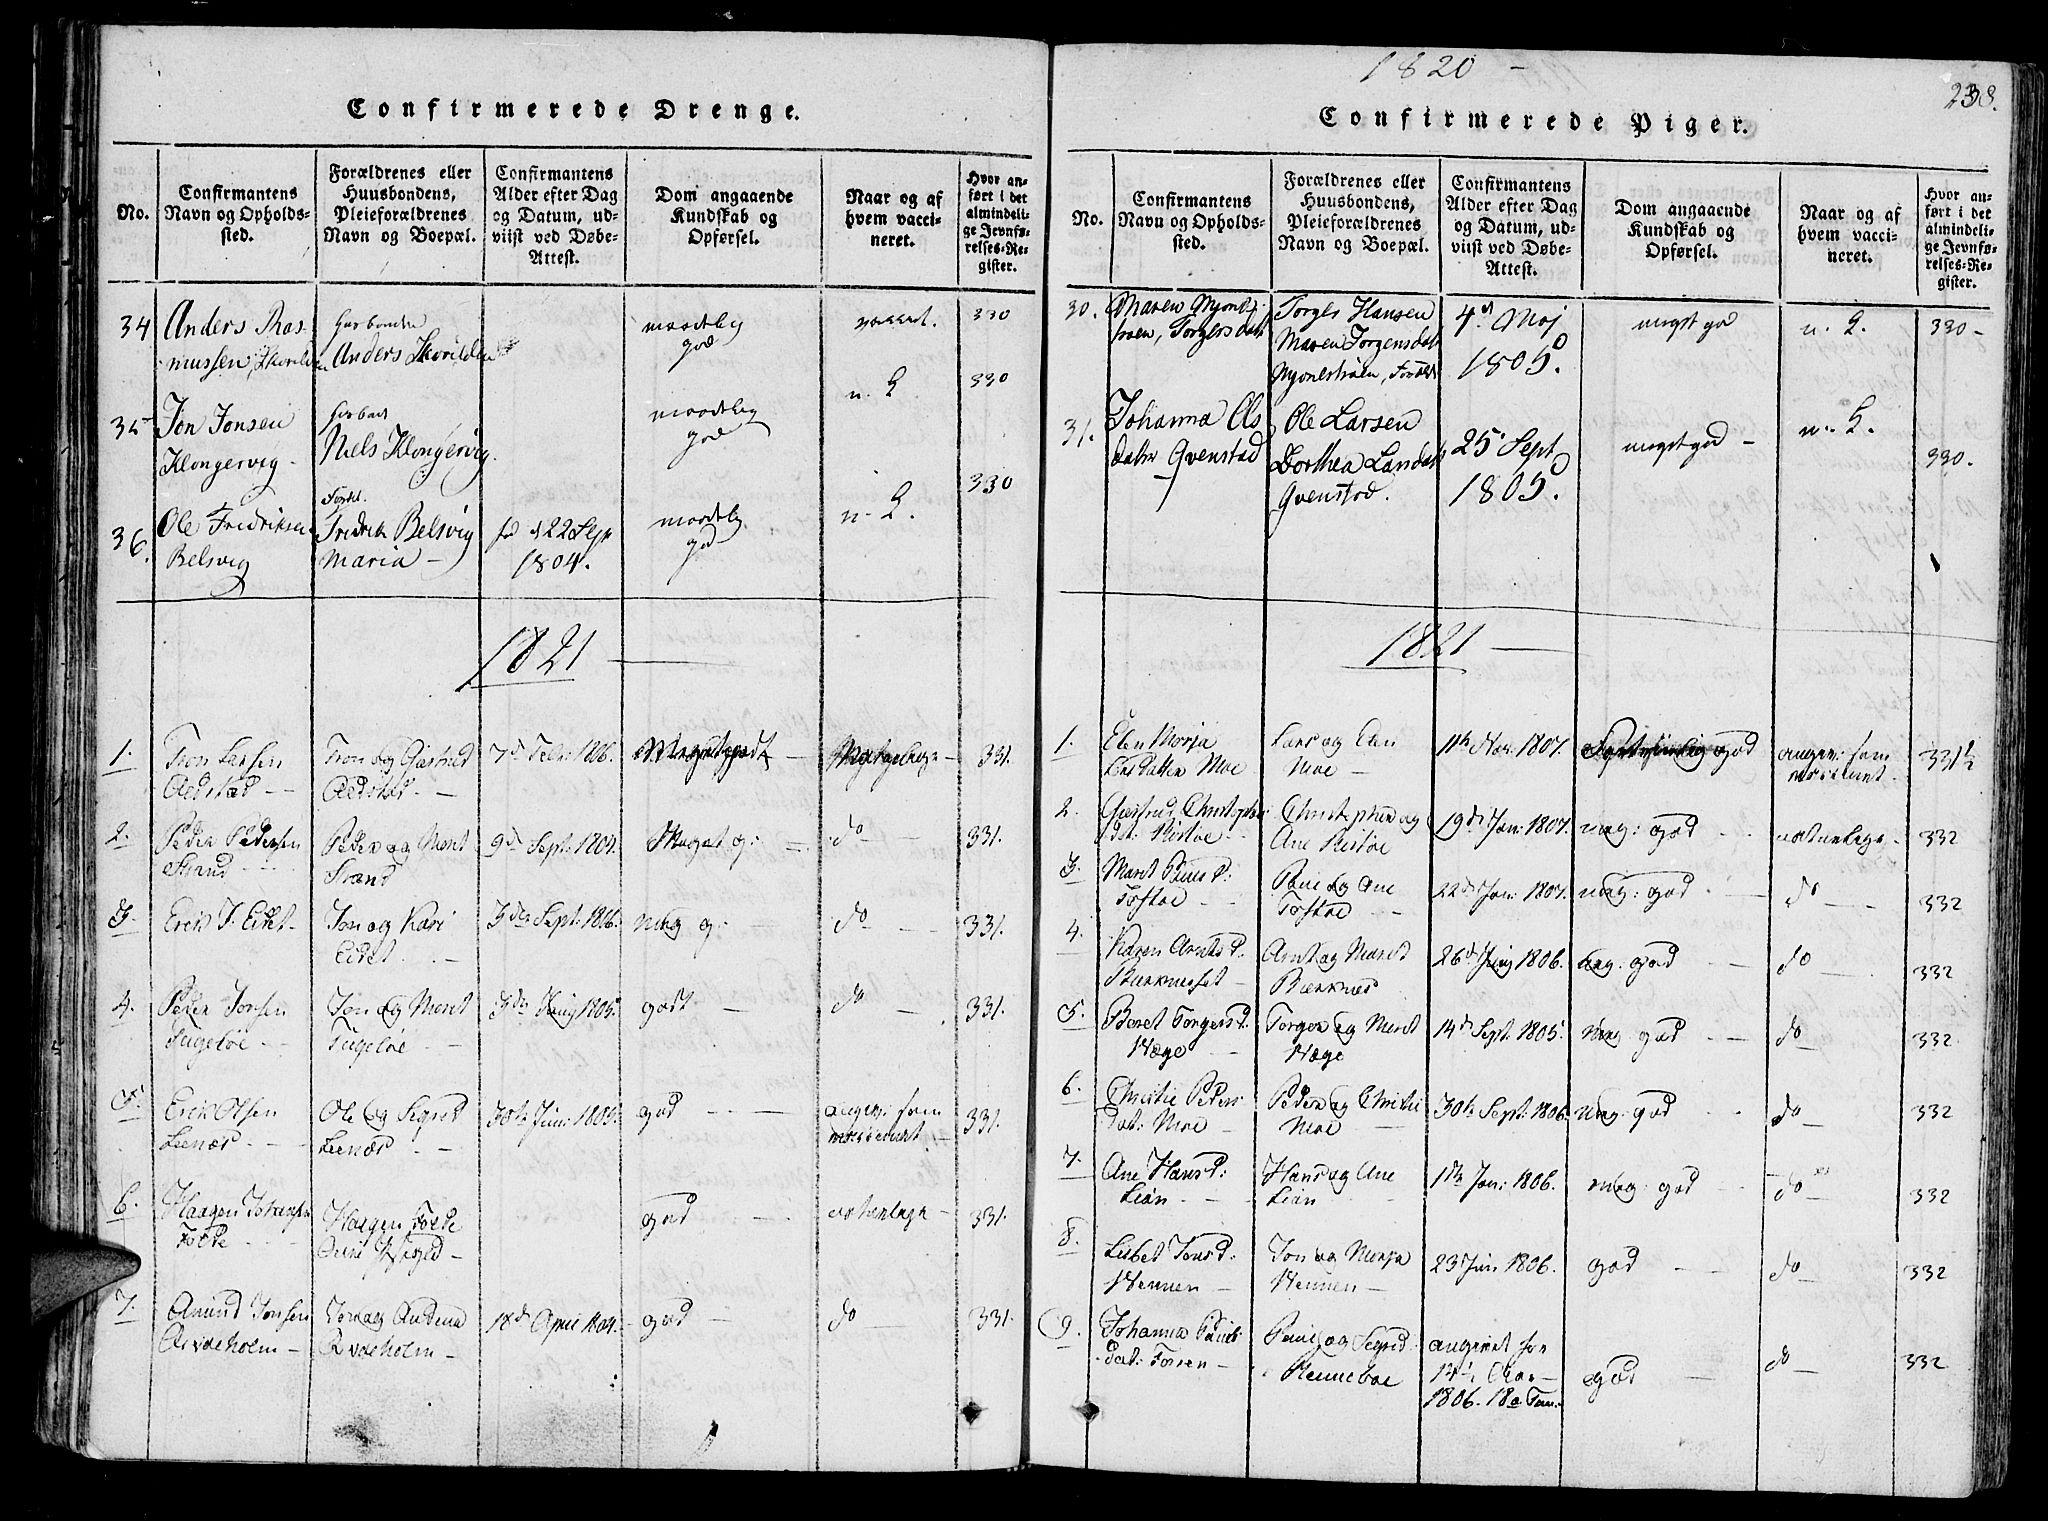 SAT, Ministerialprotokoller, klokkerbøker og fødselsregistre - Sør-Trøndelag, 630/L0491: Ministerialbok nr. 630A04, 1818-1830, s. 238